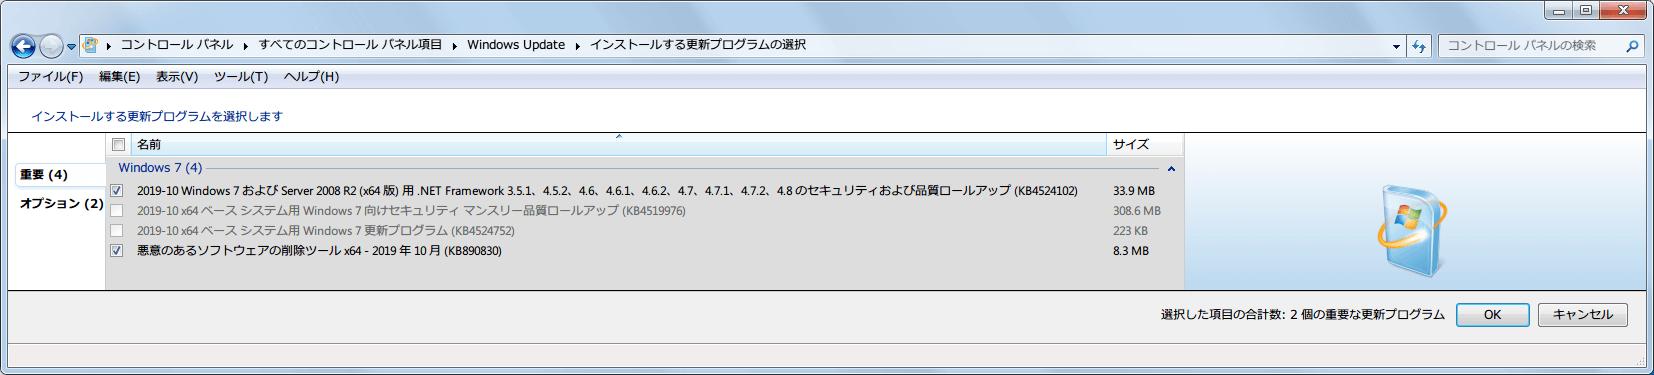 Windows 7 64bit Windows Update 重要 2019年10月分リスト KB4519976 KB4524752 非表示